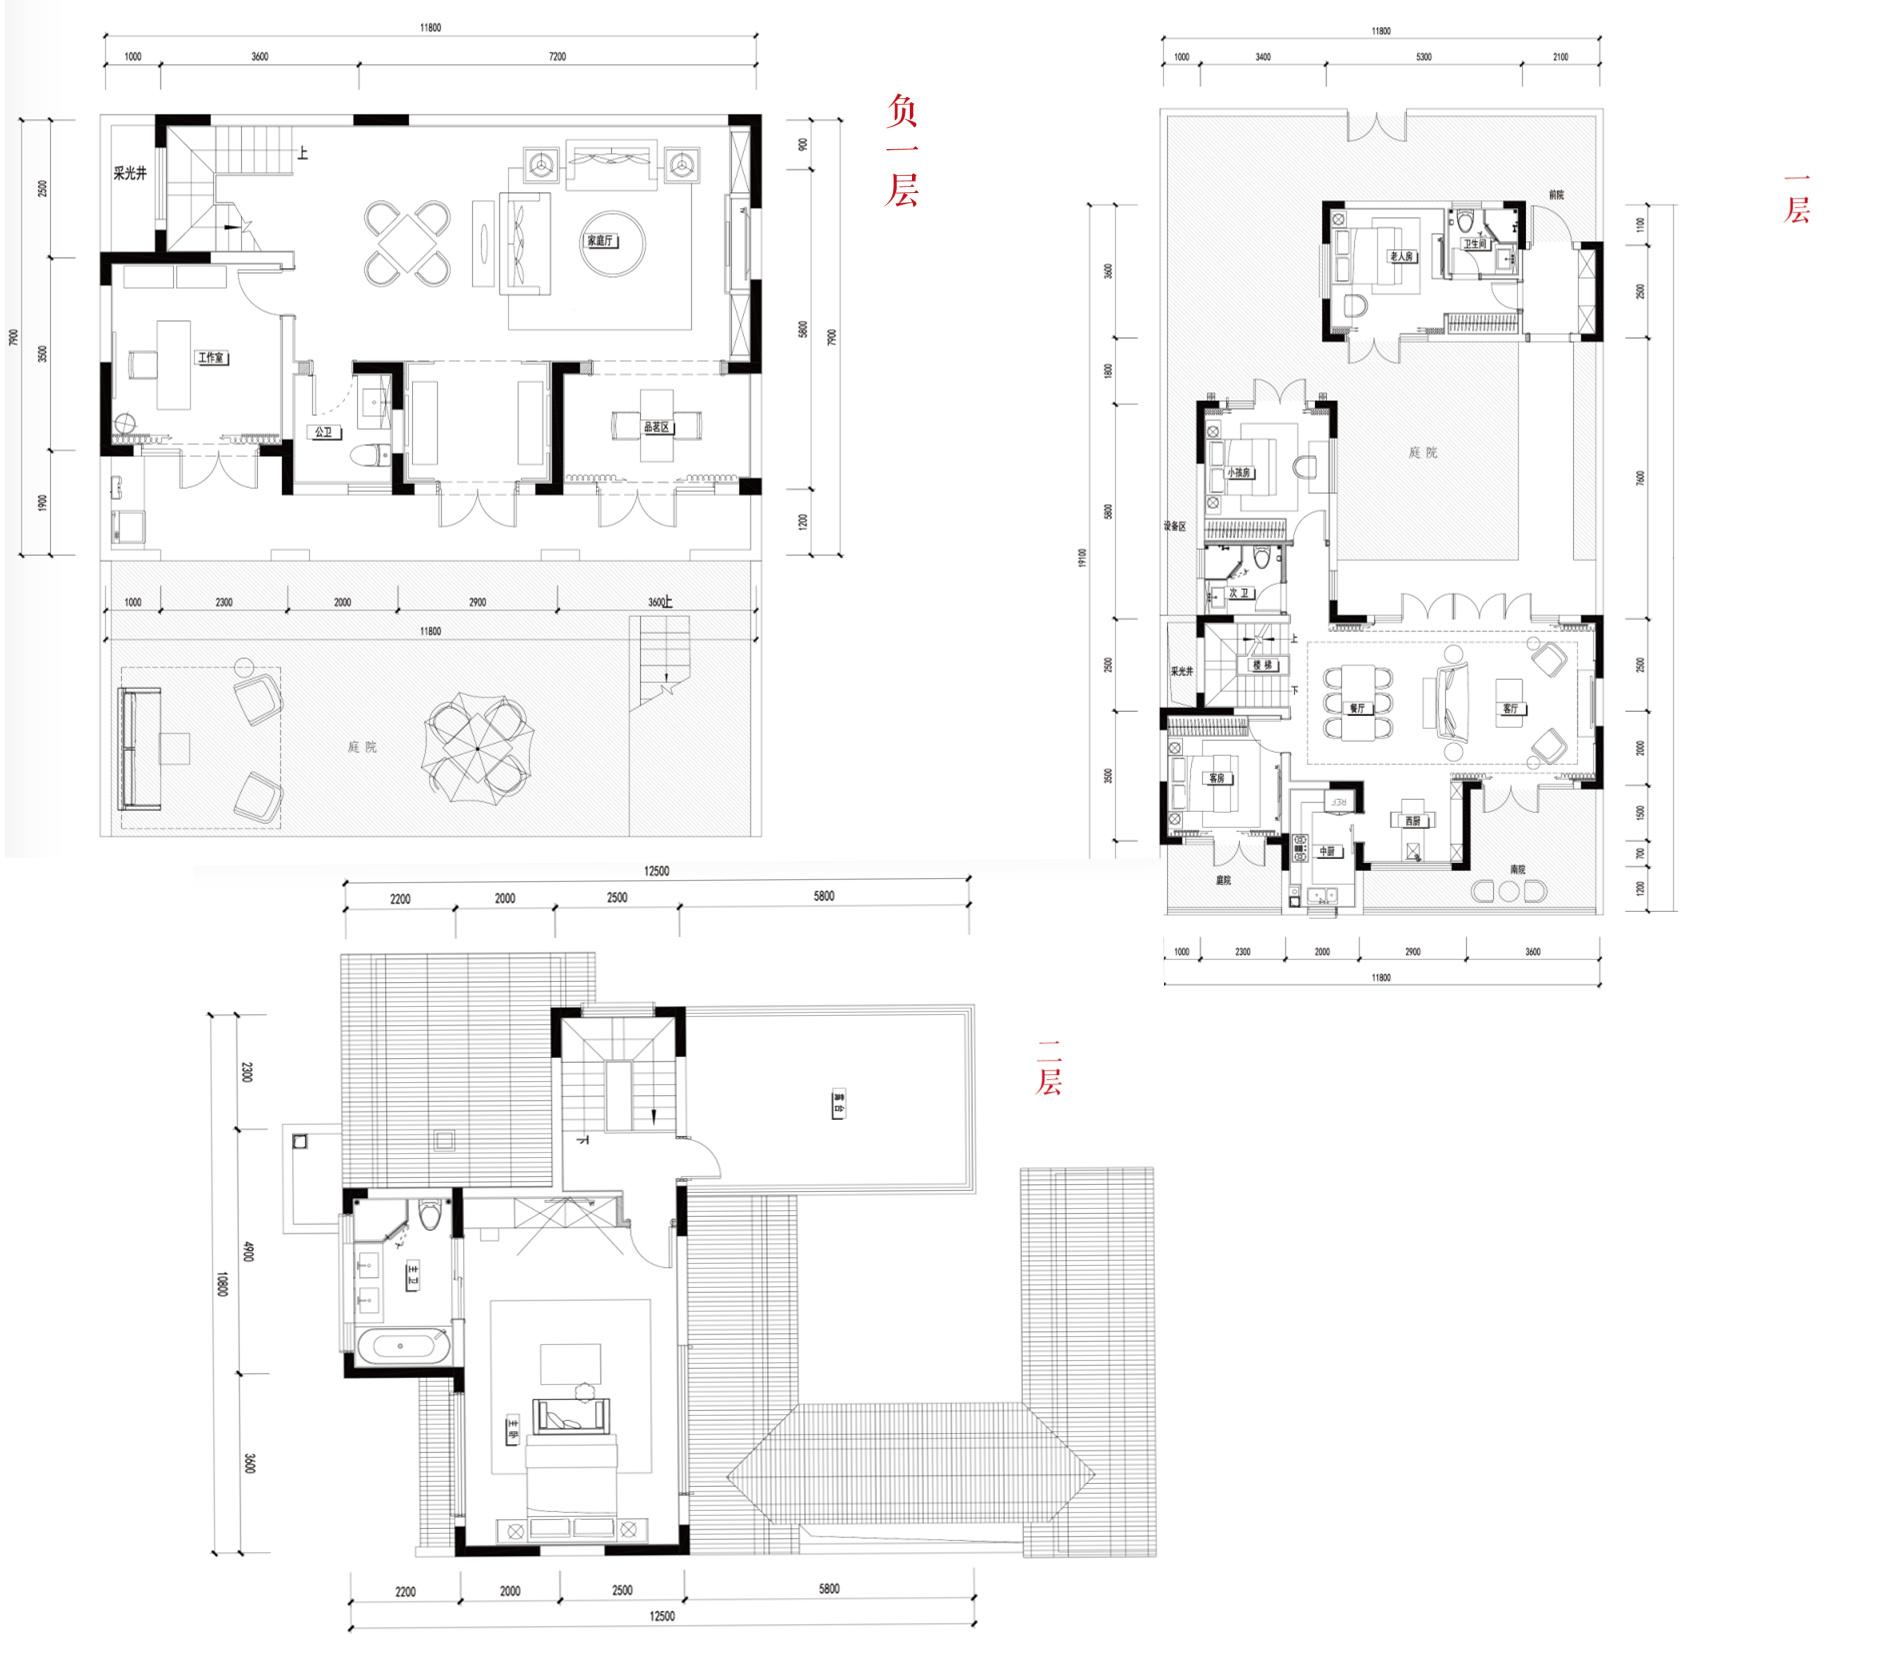 别墅B3  4室3厅4卫1厨 建面265㎡